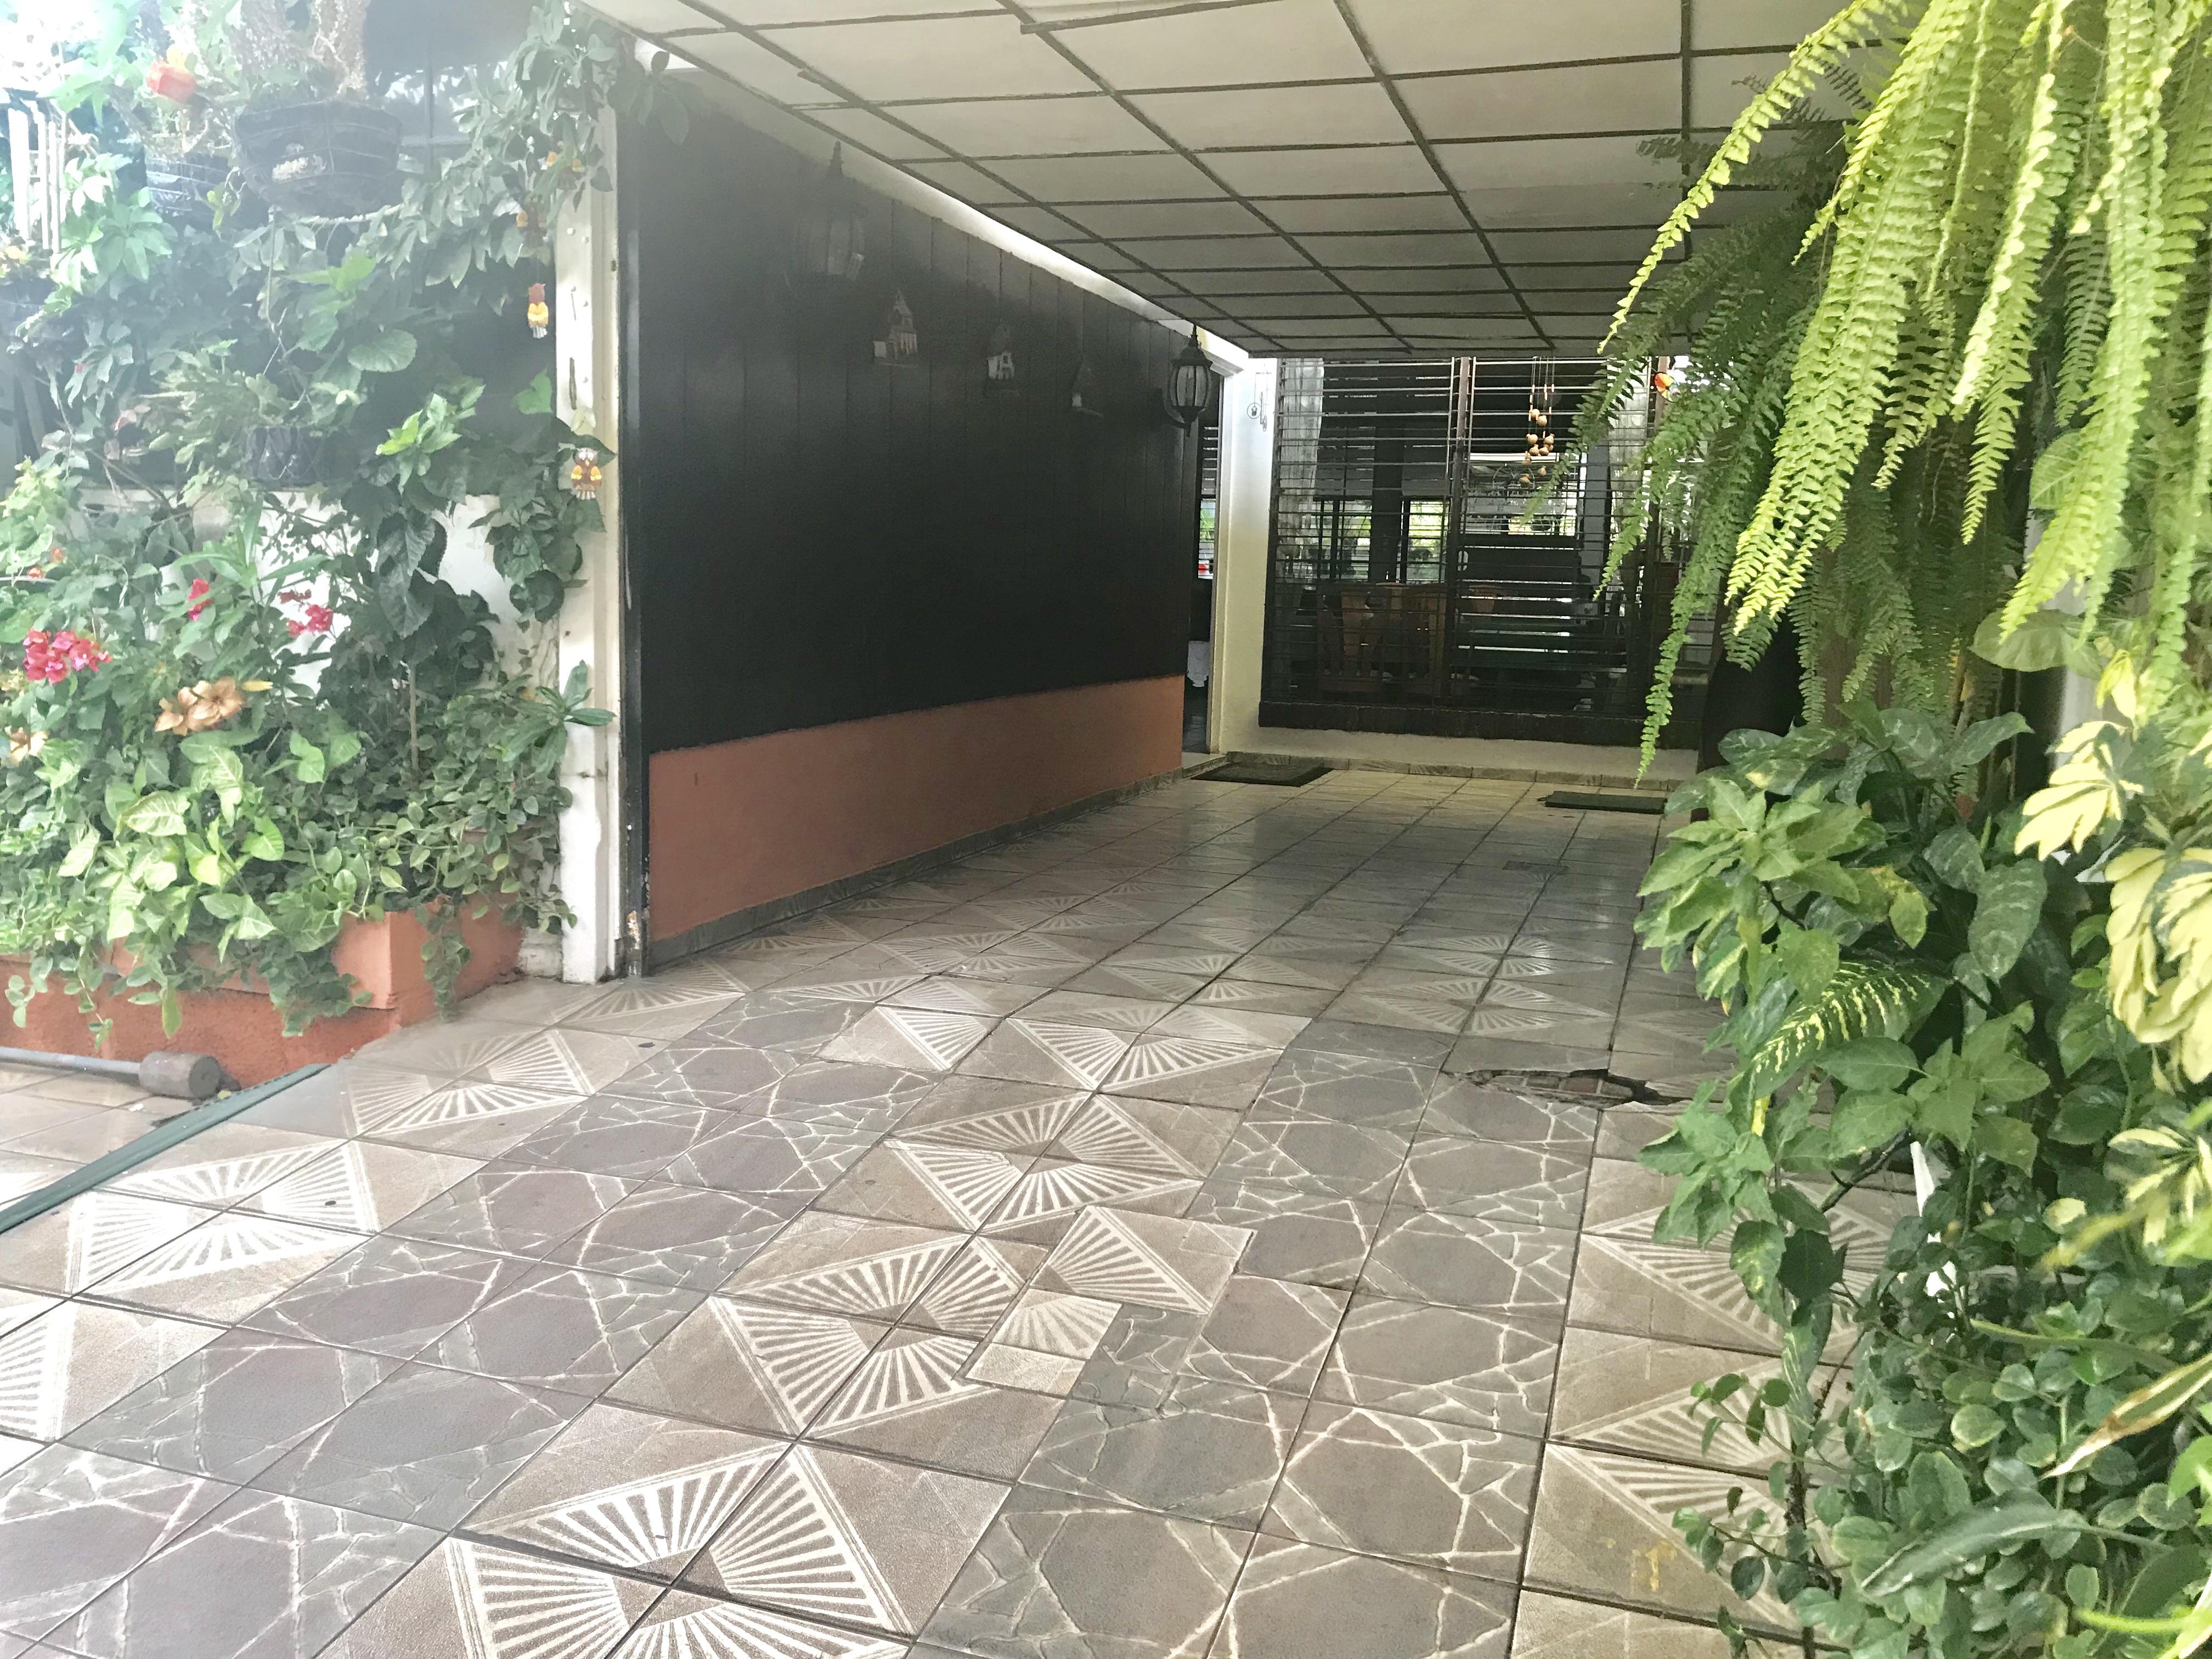 MIA0106 Casa en Venta en Privado Colonia Miramonte cochera